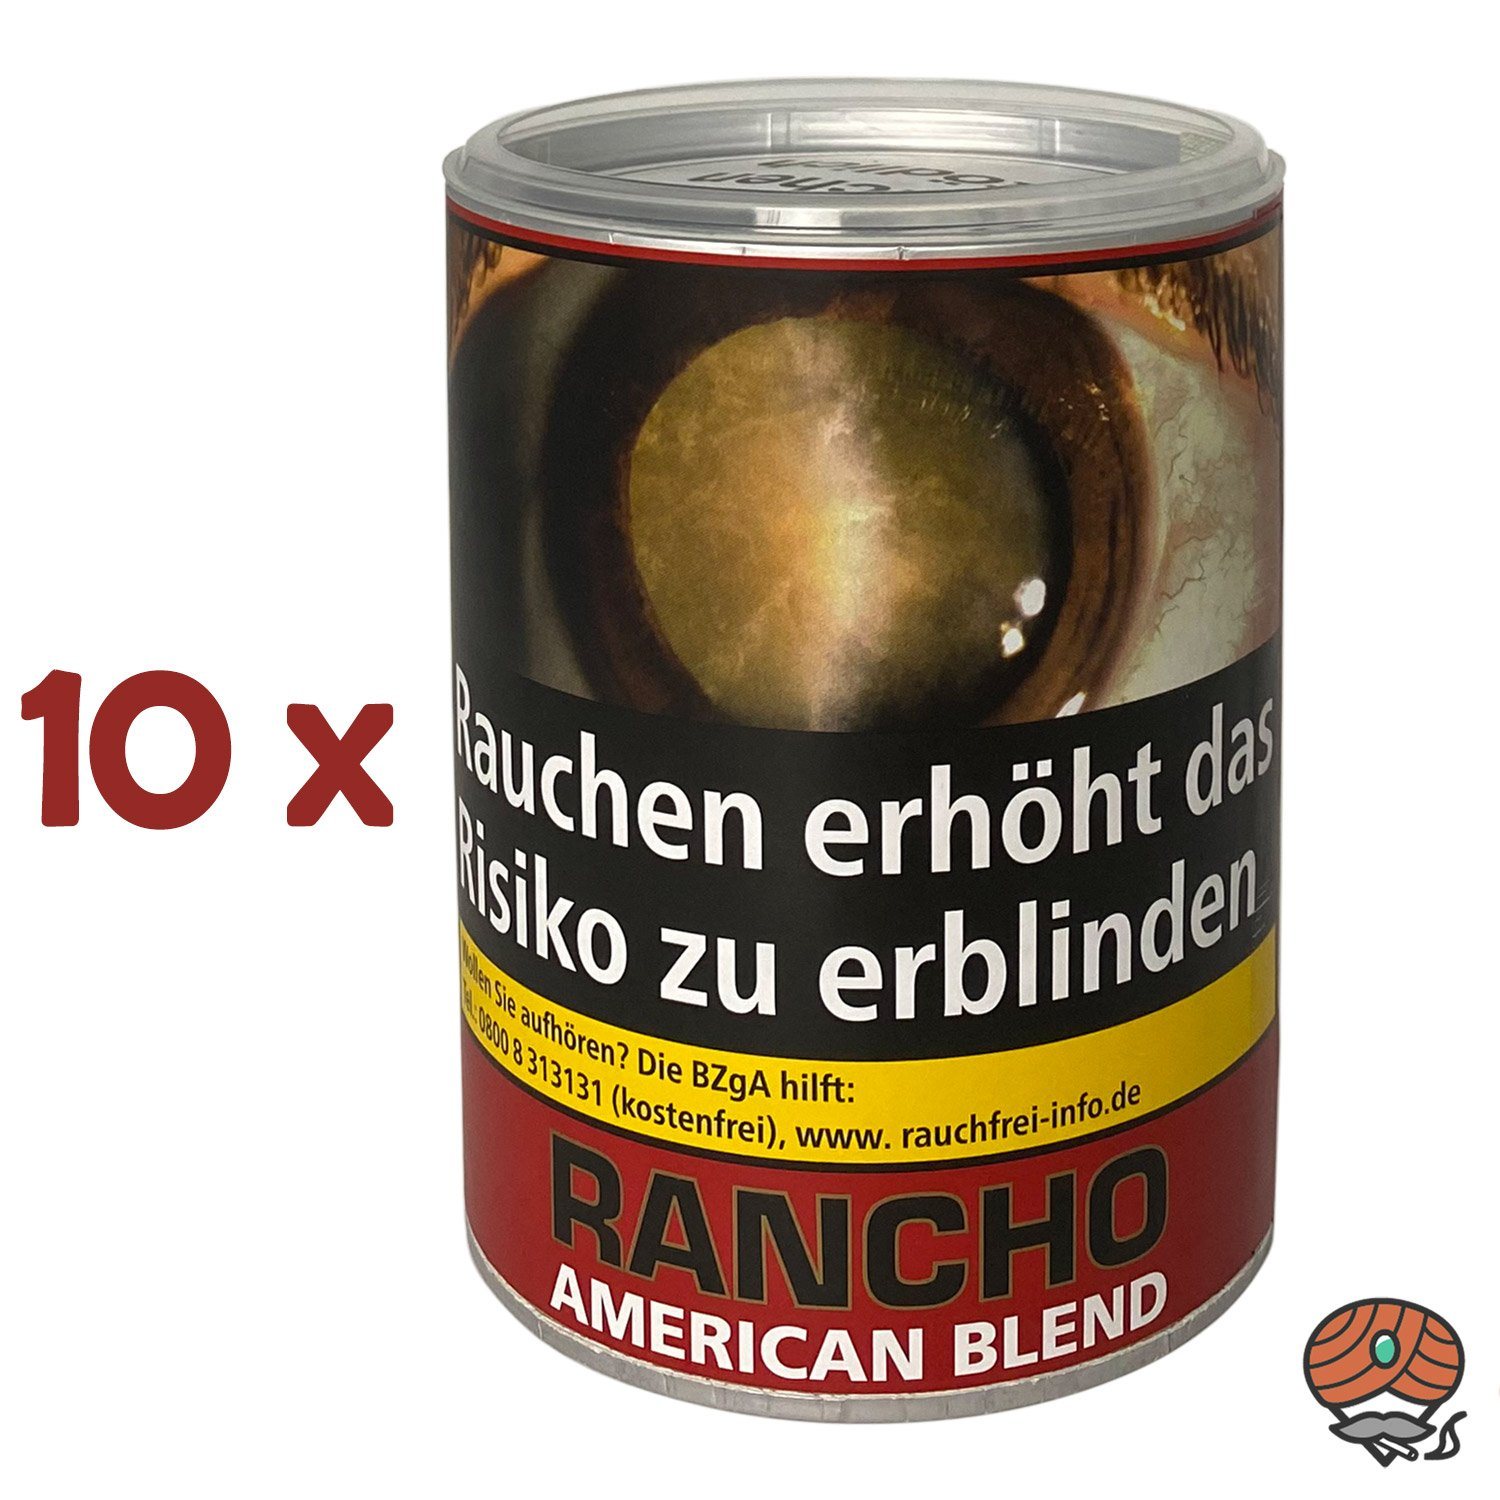 10 x Rancho American Blend Zigarettentabak Dose à 190 g